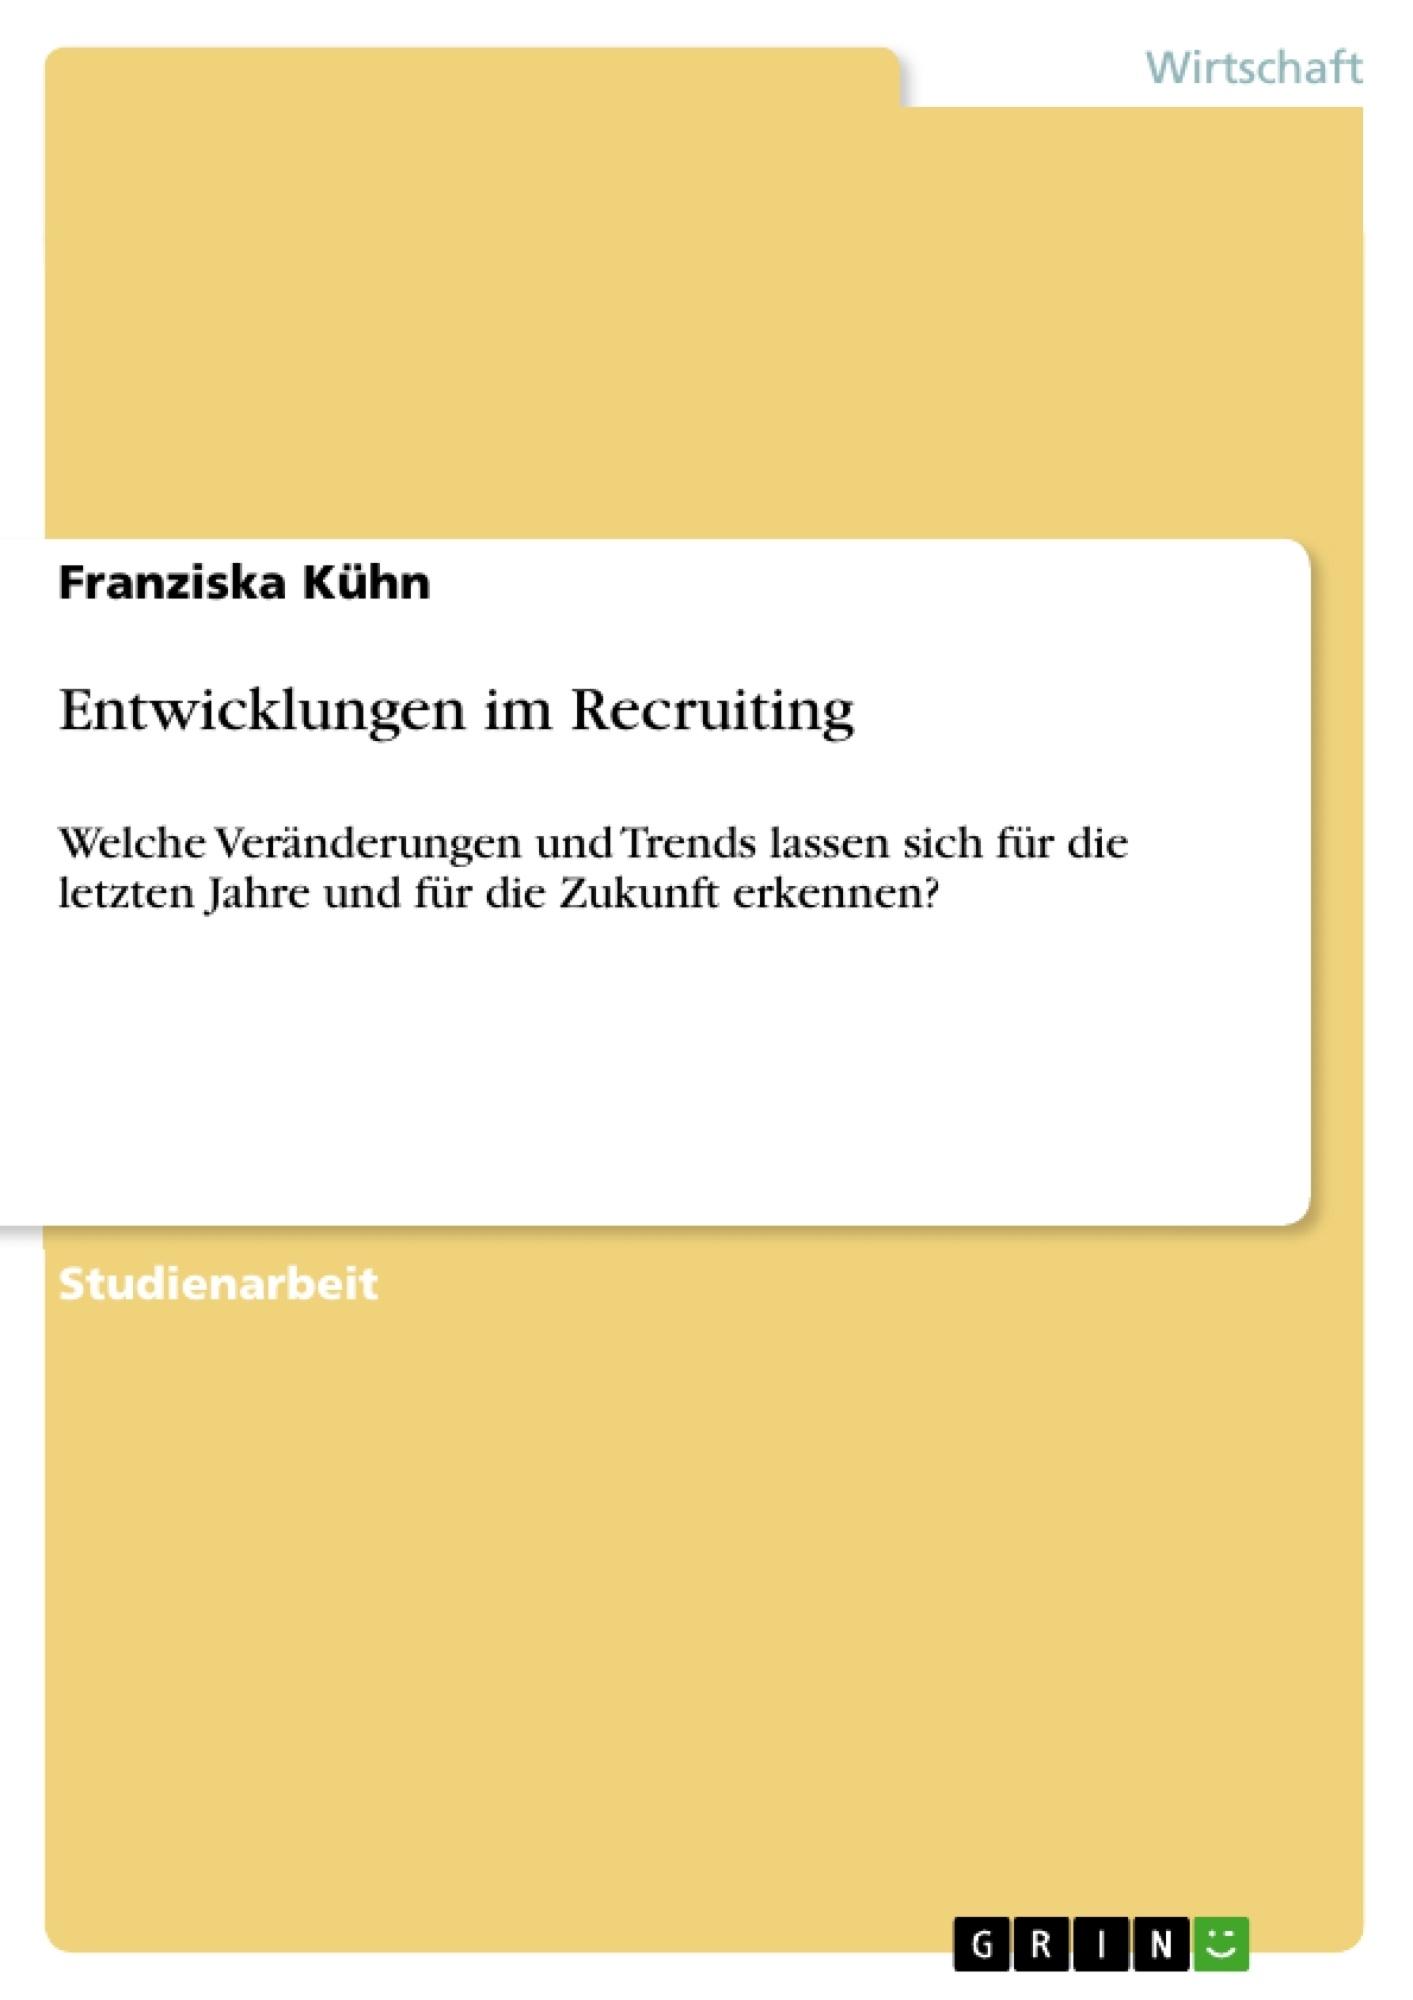 Titel: Entwicklungen im Recruiting